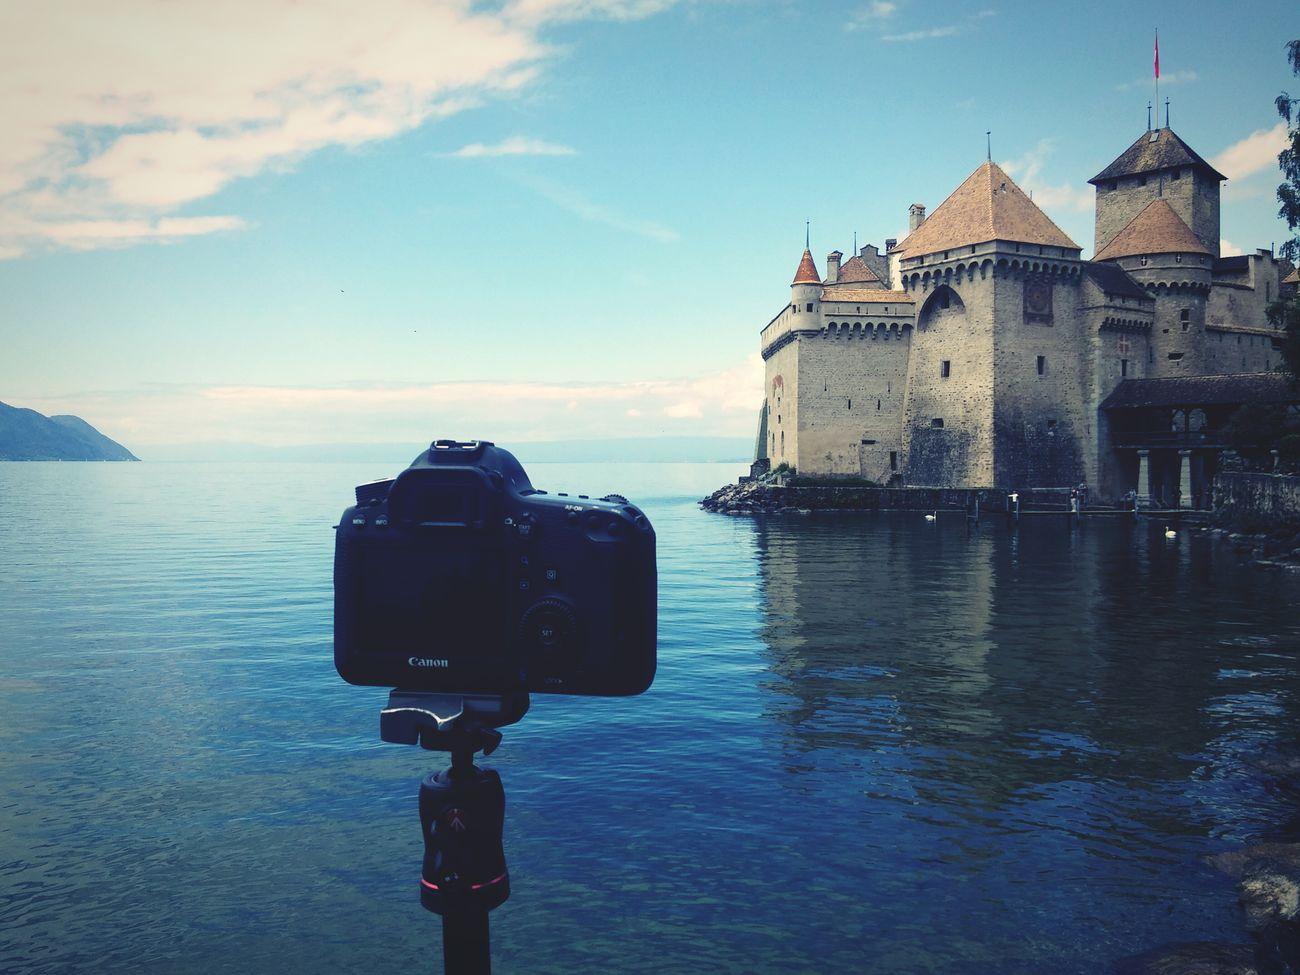 The castle Castle Canon Eos6d Long Exposure Chateau De Chillon Switzerland Lake Geneve Photography Photographer Traveling Market Reviewers' Top Picks